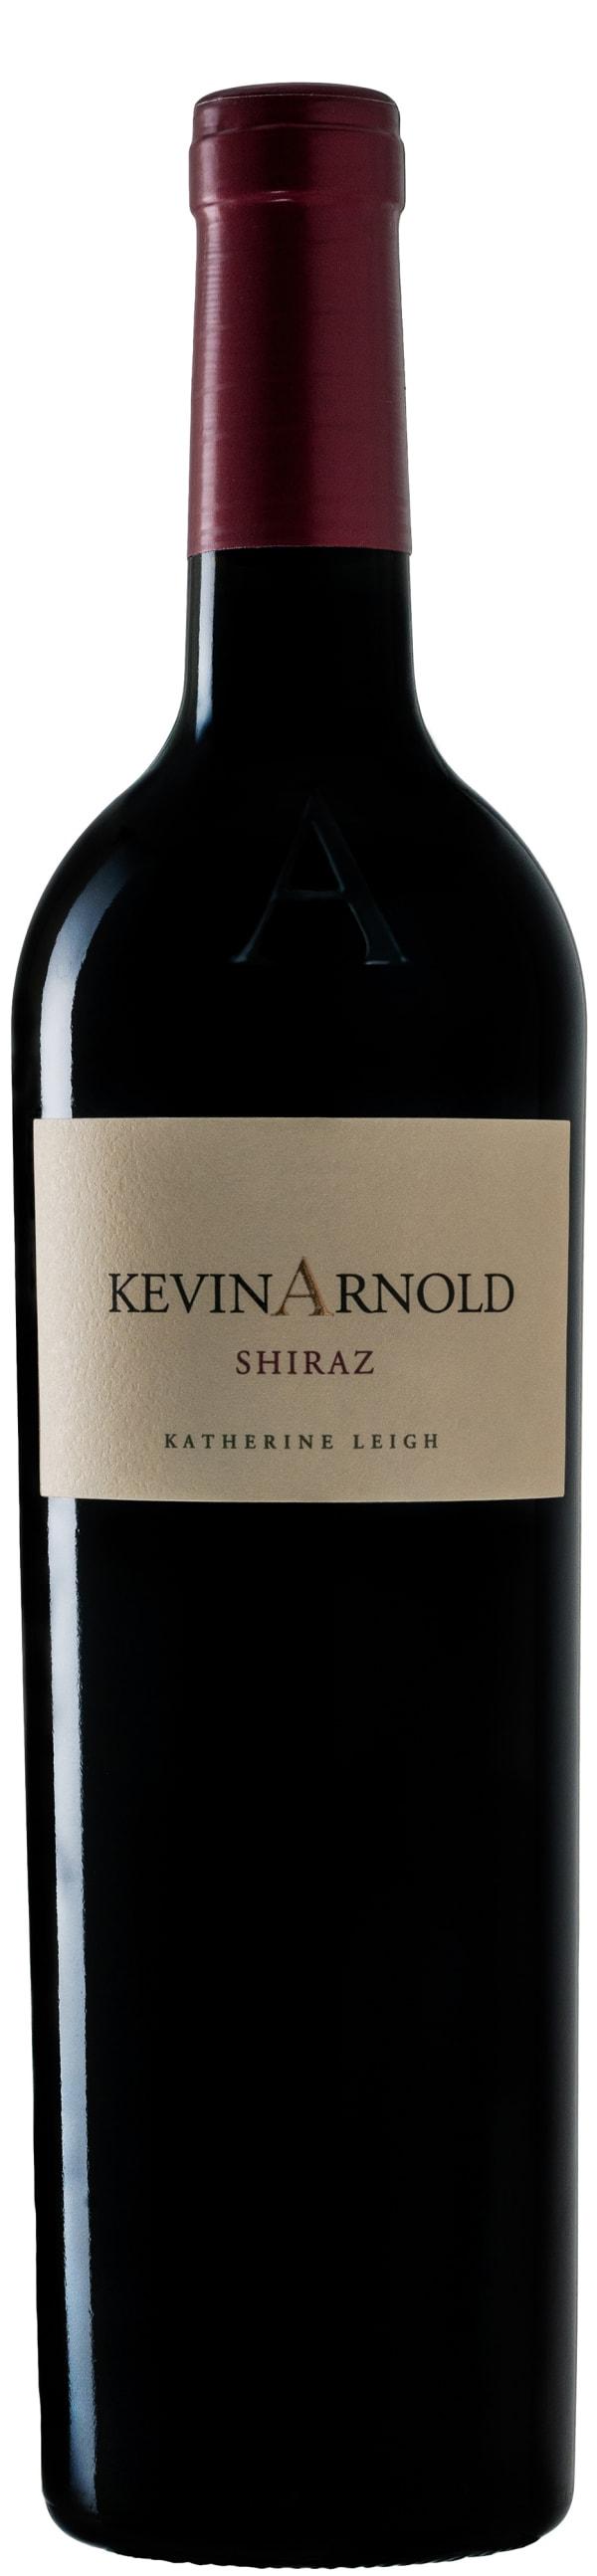 Kevin Arnold Shiraz 2012